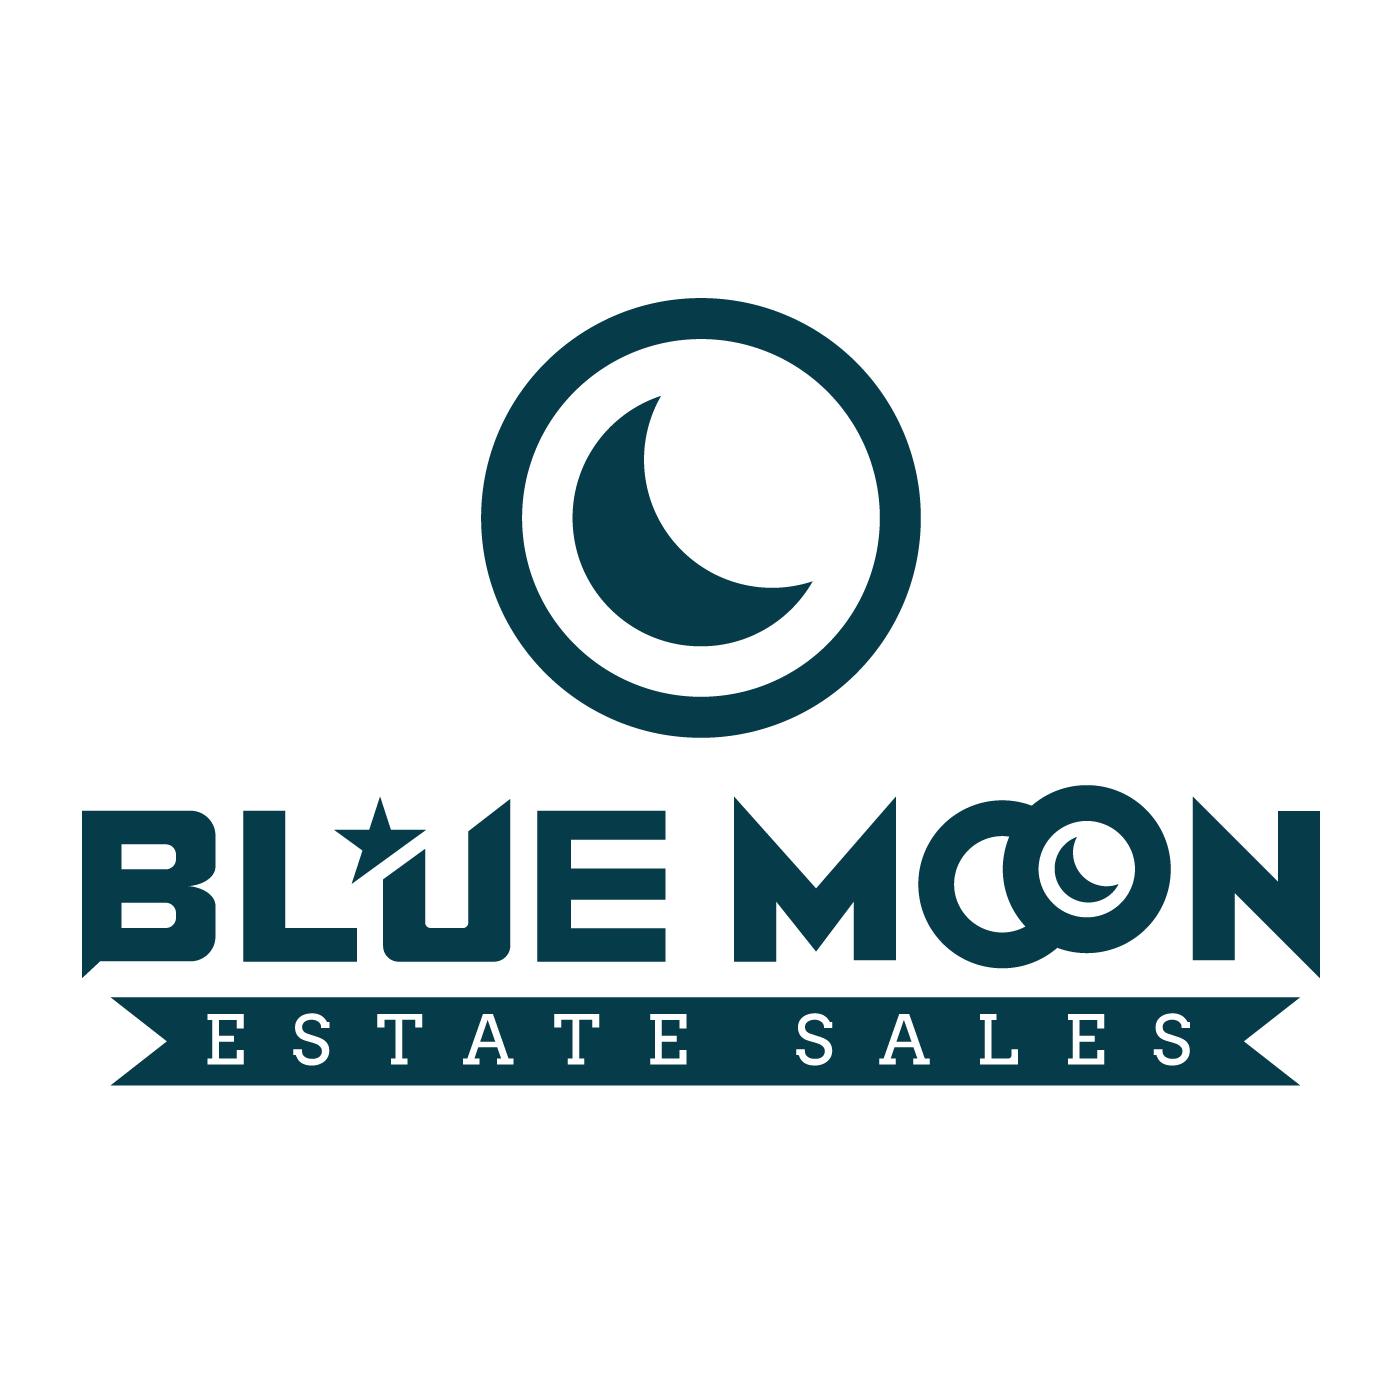 Blue Moon Estate Sales Atlanta - Atlanta, GA 30328 - (770)500-4417 | ShowMeLocal.com